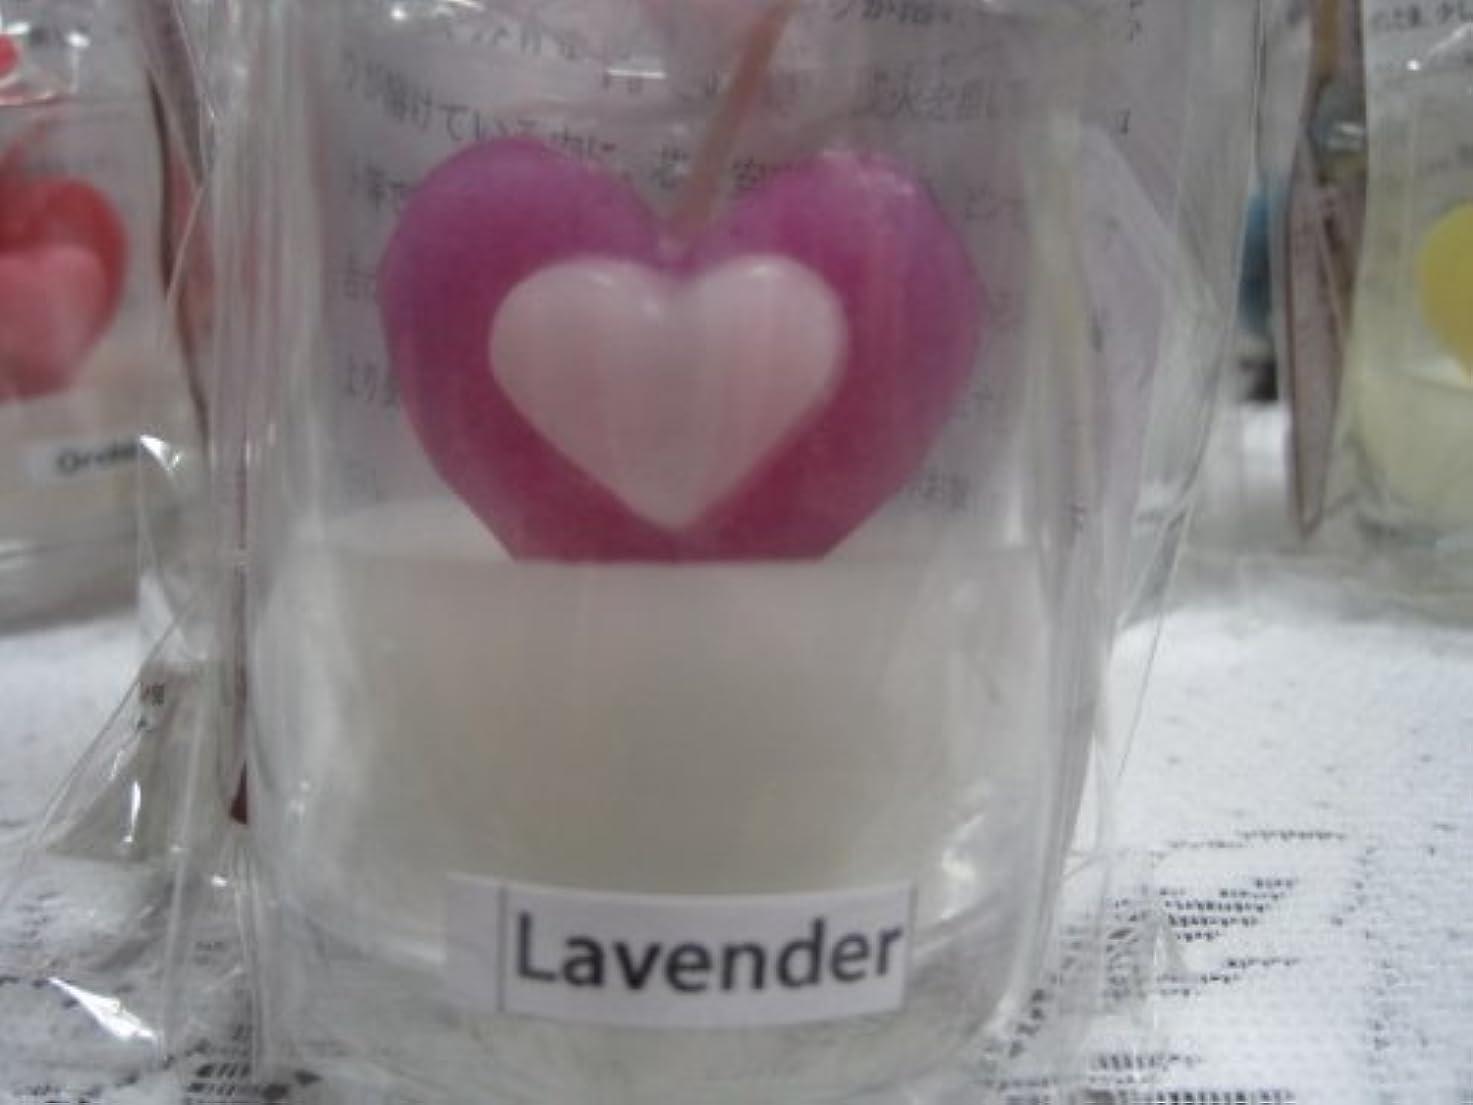 ????入り ???型????????? -Lavender- ???????